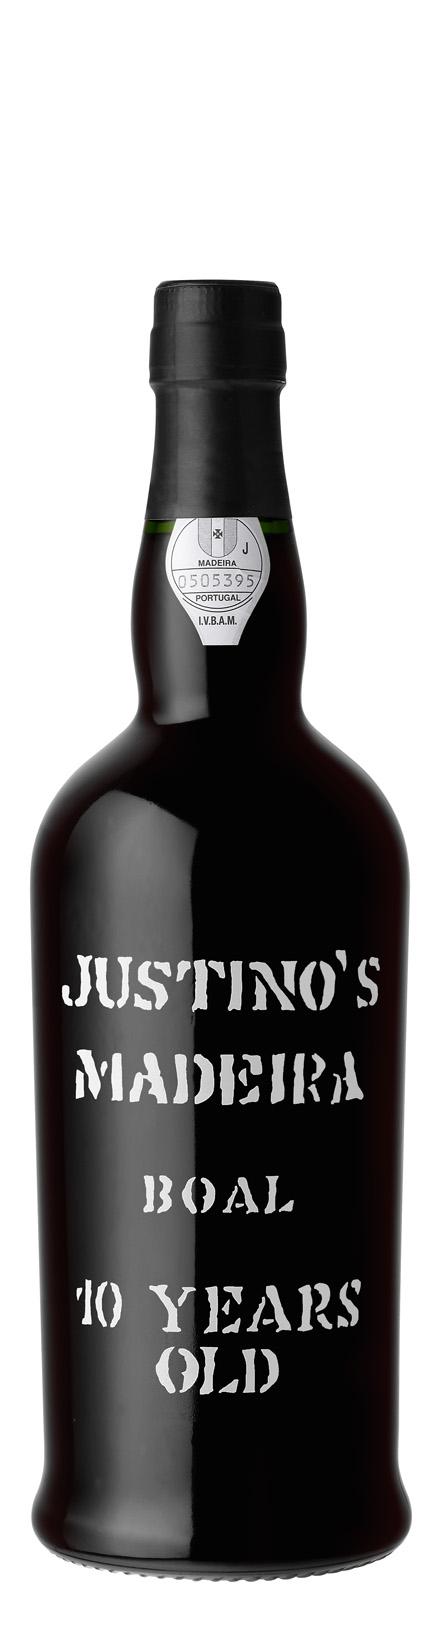 Justino's Madeira, 10 Year Old Boal NV